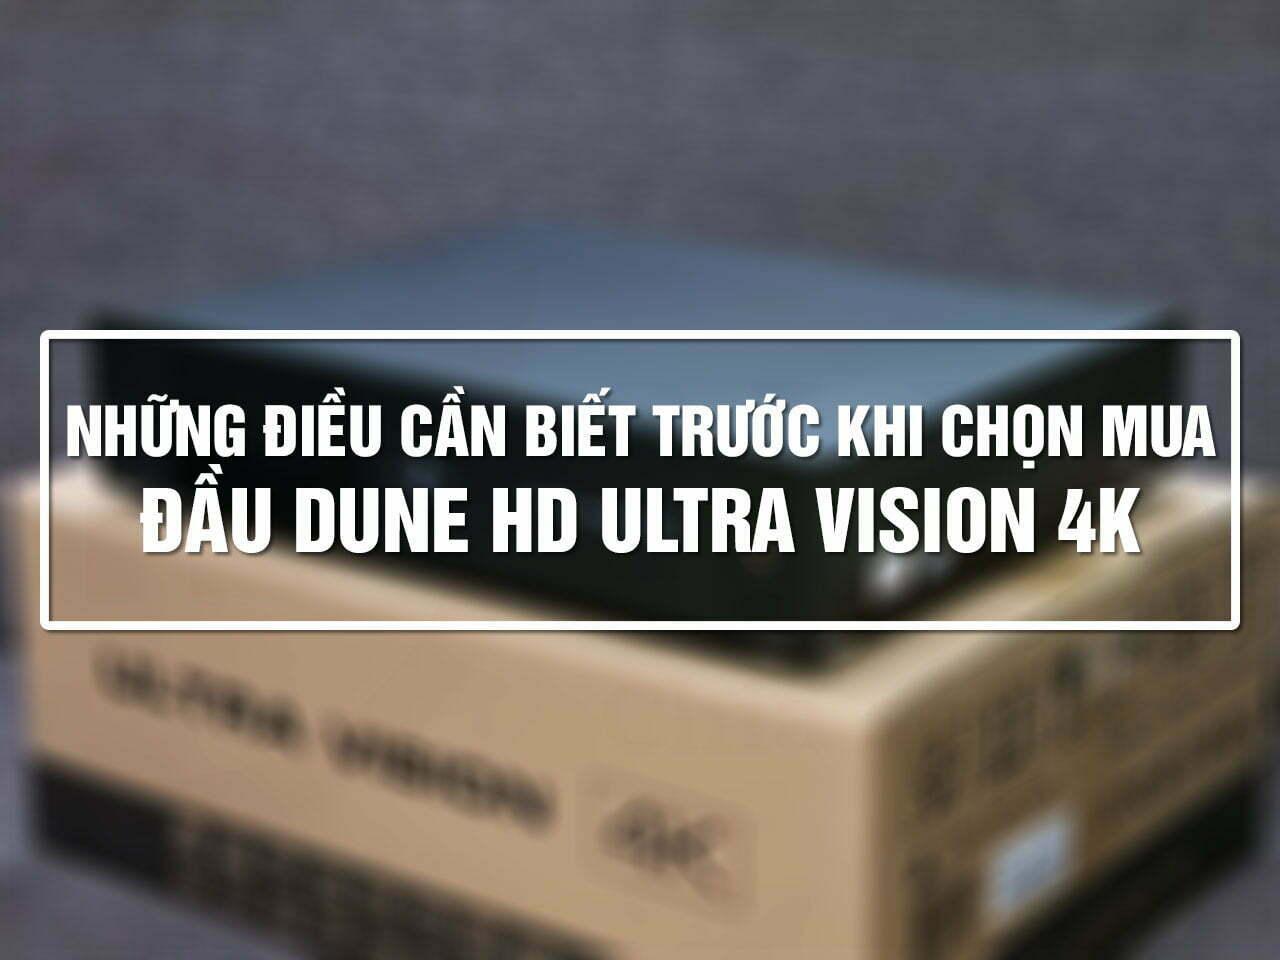 Những điều cần biết trước khi chọn mua Dune HD Ultra Vision 4K - Siêu phẩm giải trí 2021! | Dune HD Vietnam